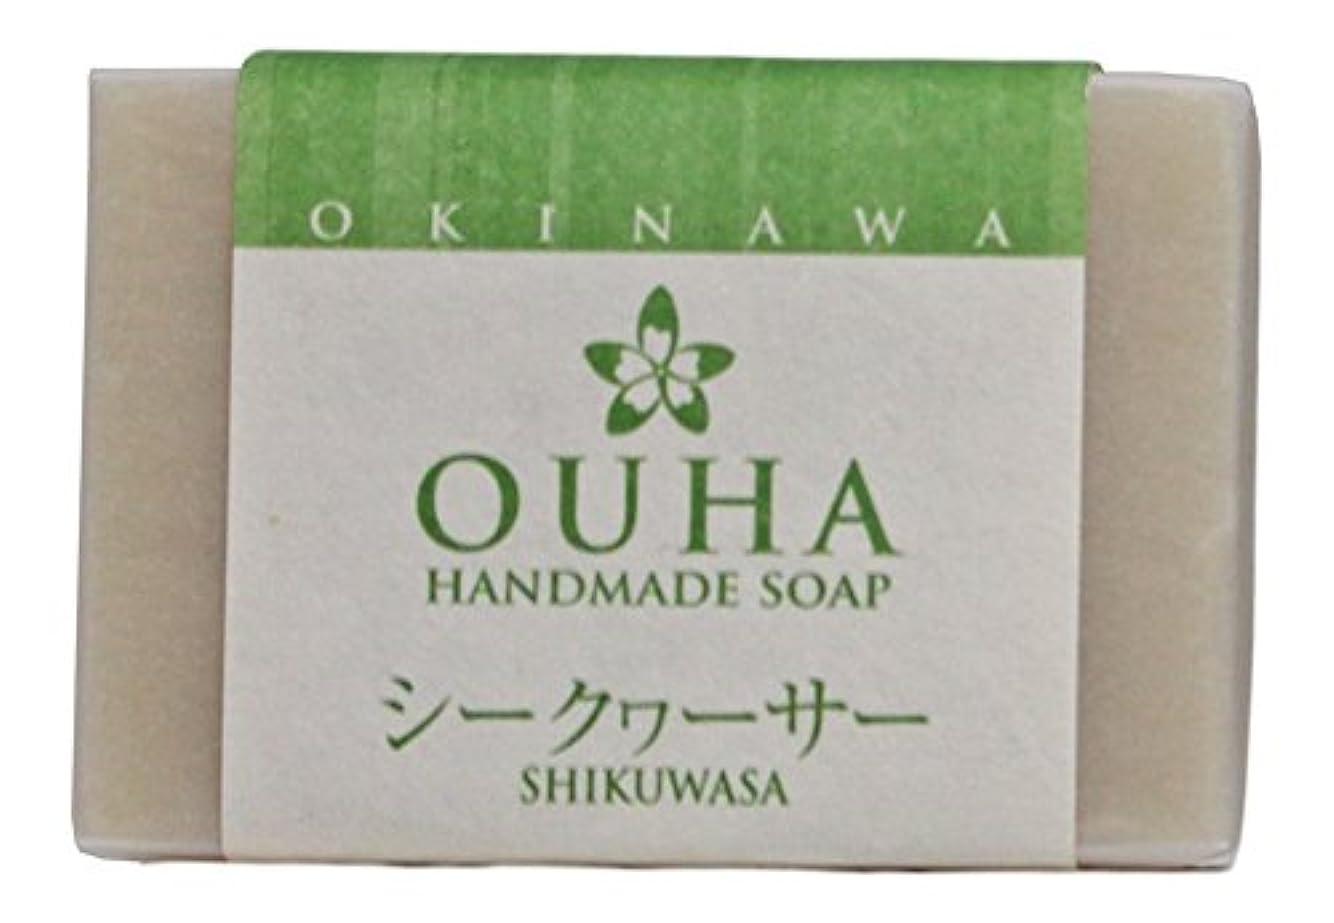 セントほんの香水沖縄手作り洗顔せっけん OUHAソープ シークヮーサー 47g